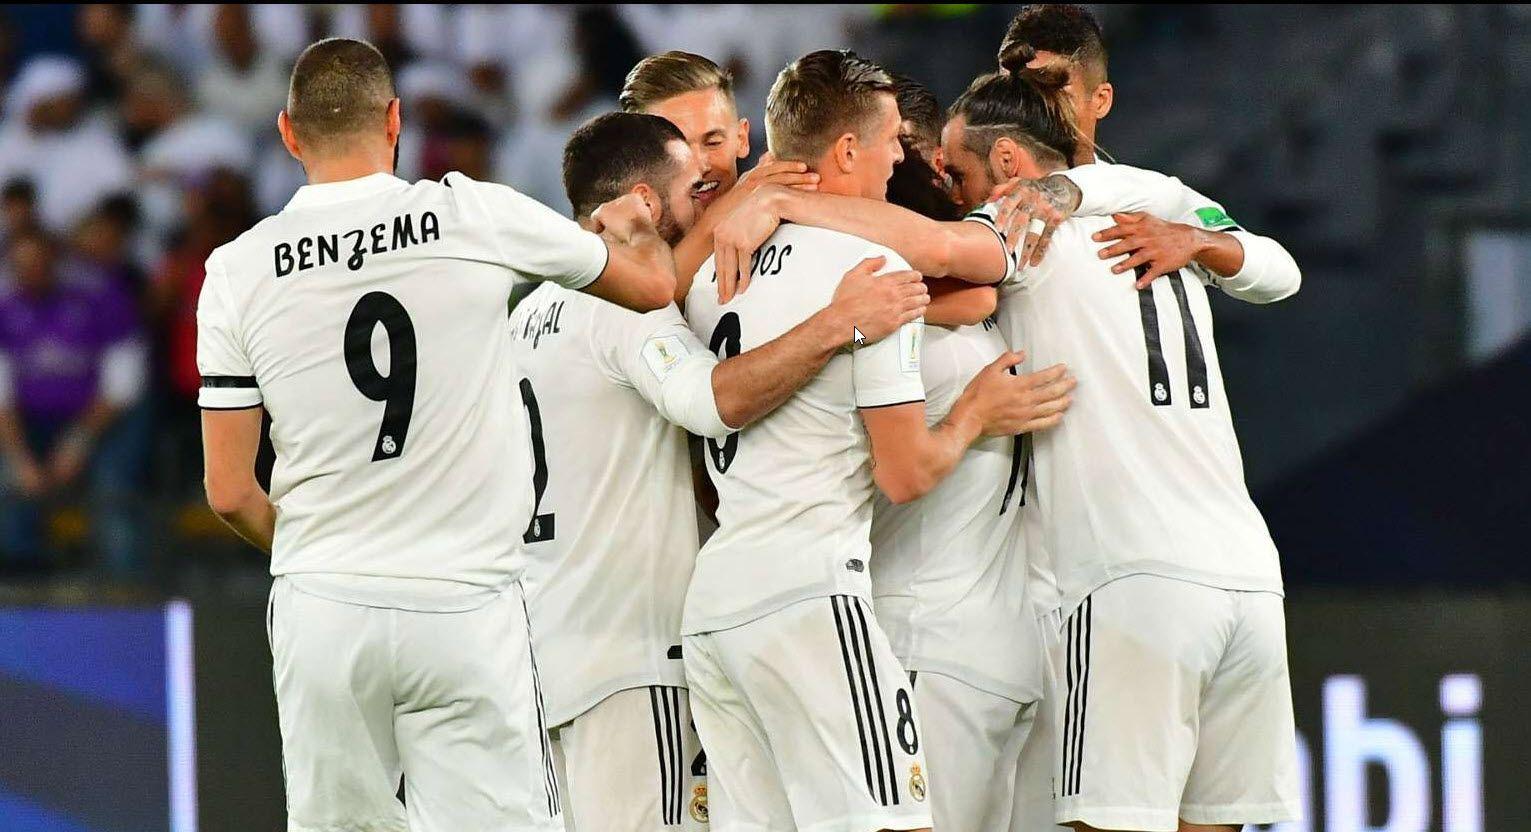 العين الإماراتي يخسر بشرف بطولة كأس العالم للأندية امام ريال مدريد الاسبانى